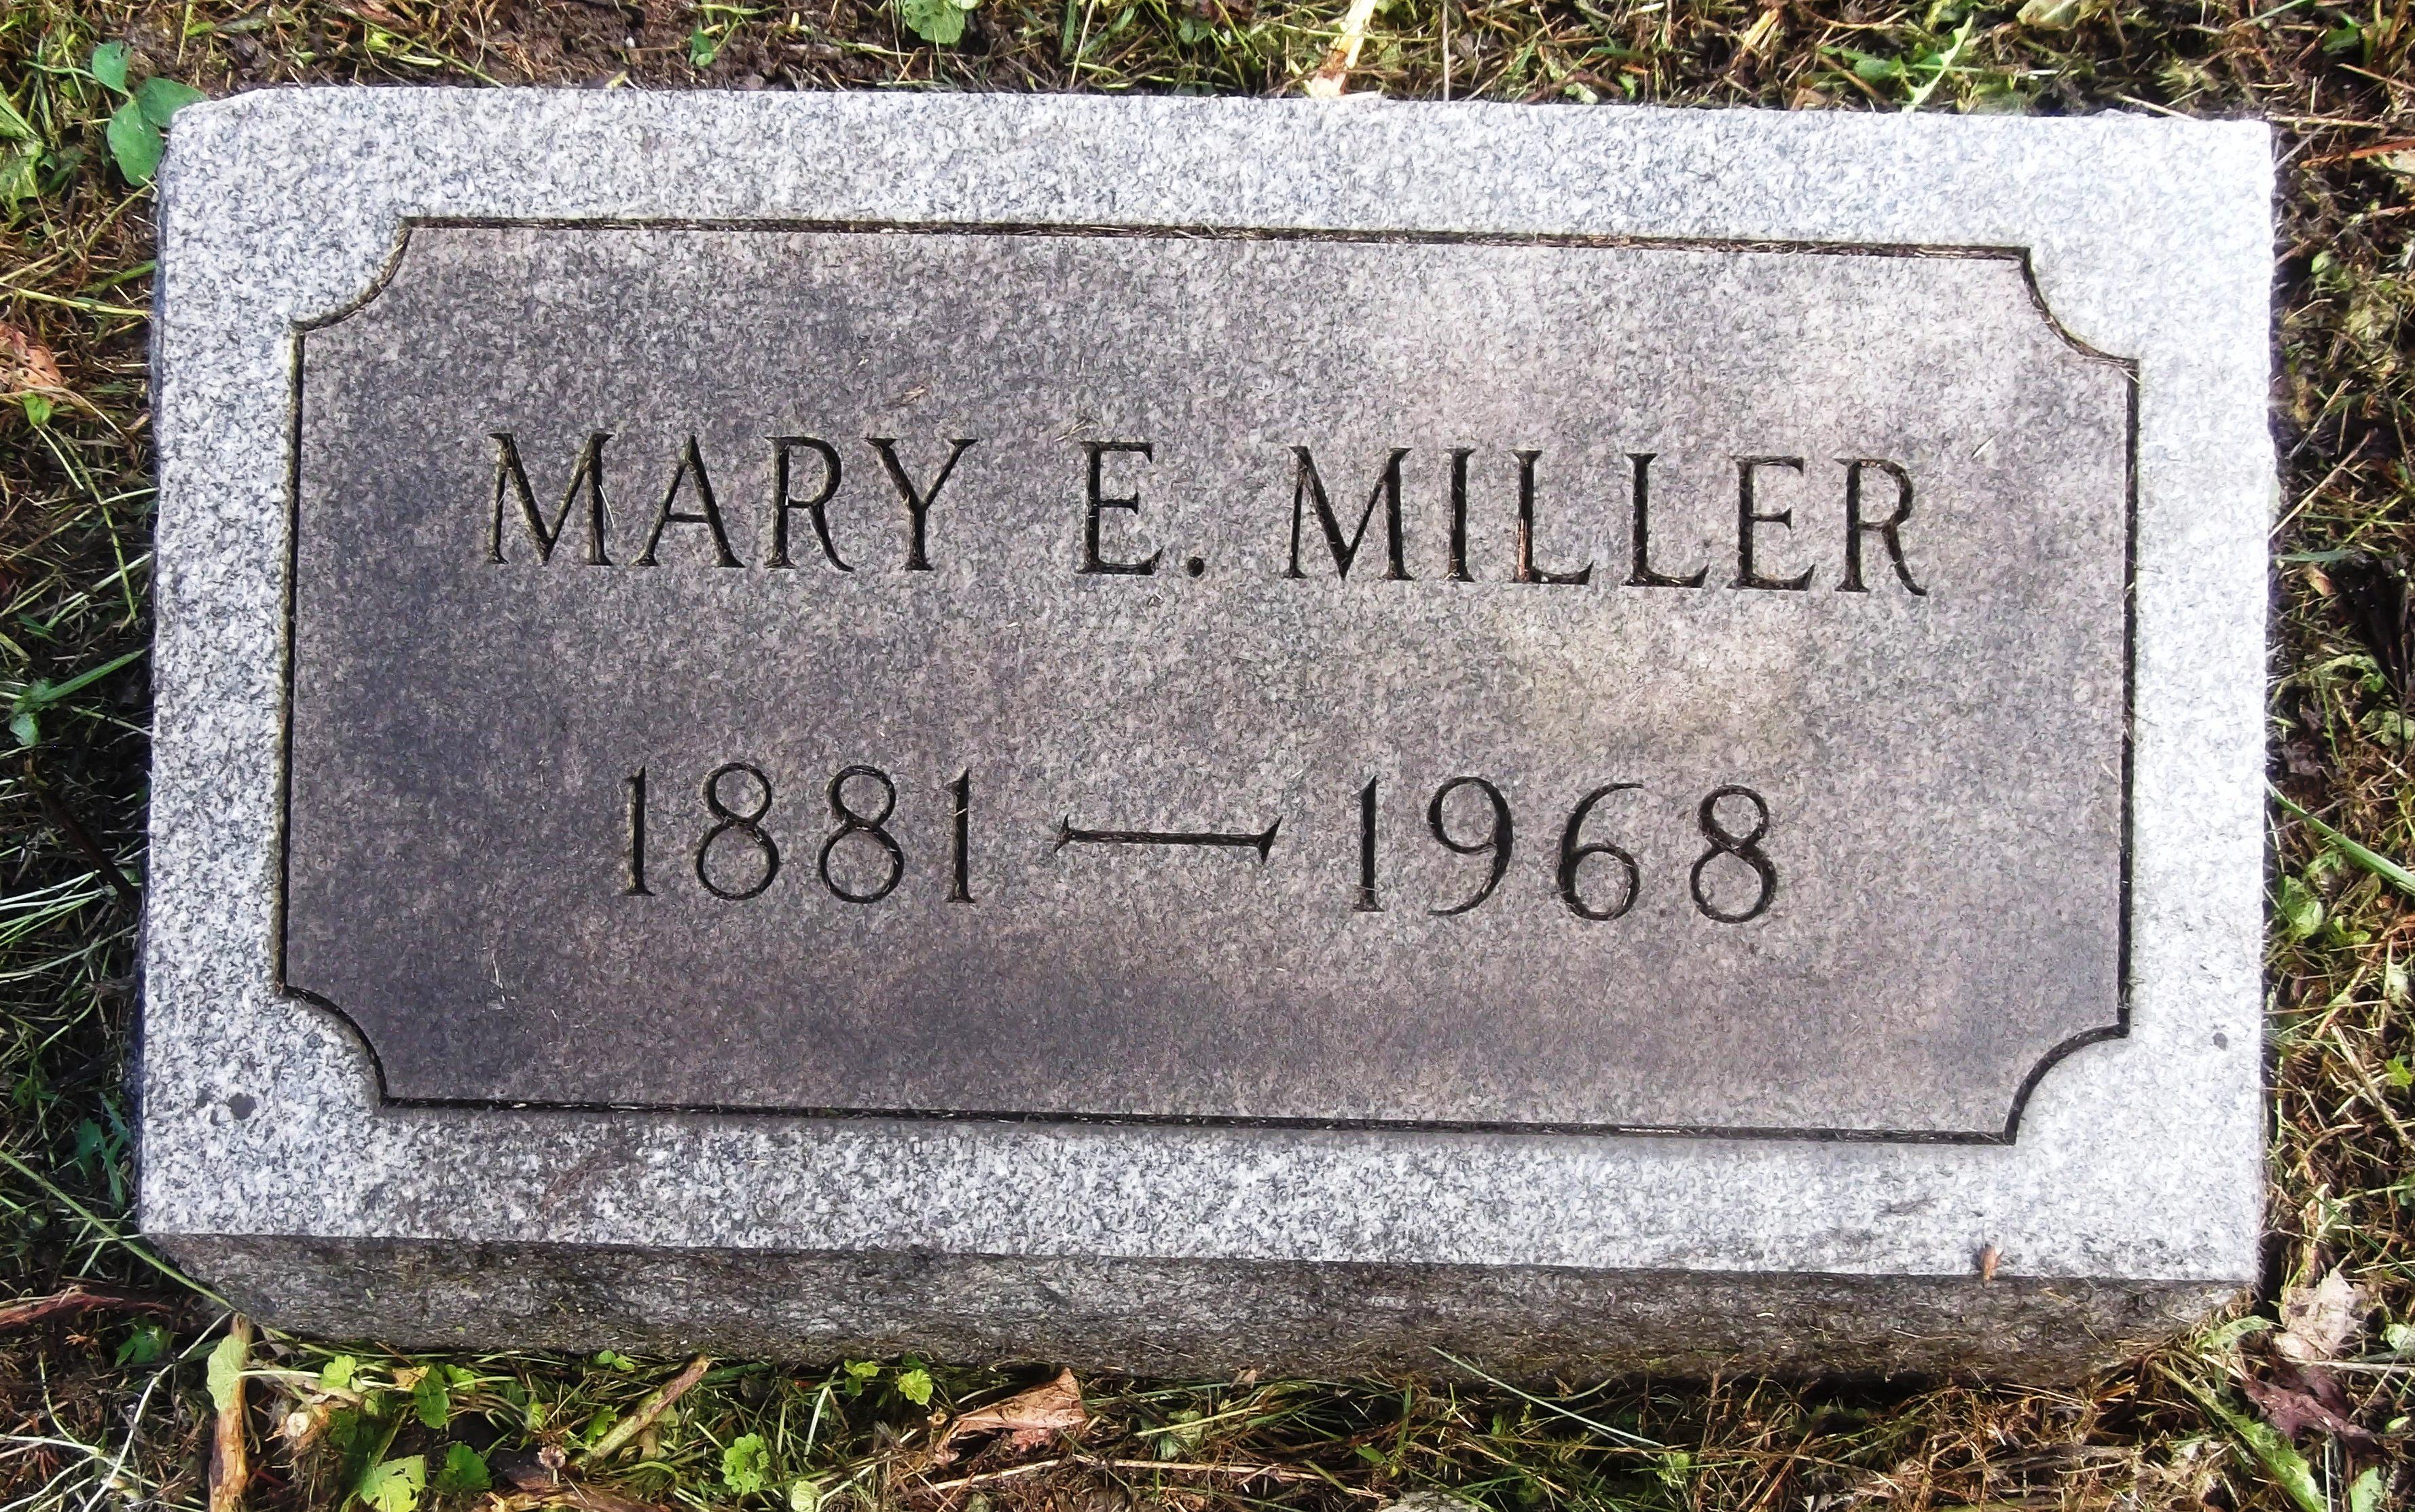 Mary E Miller